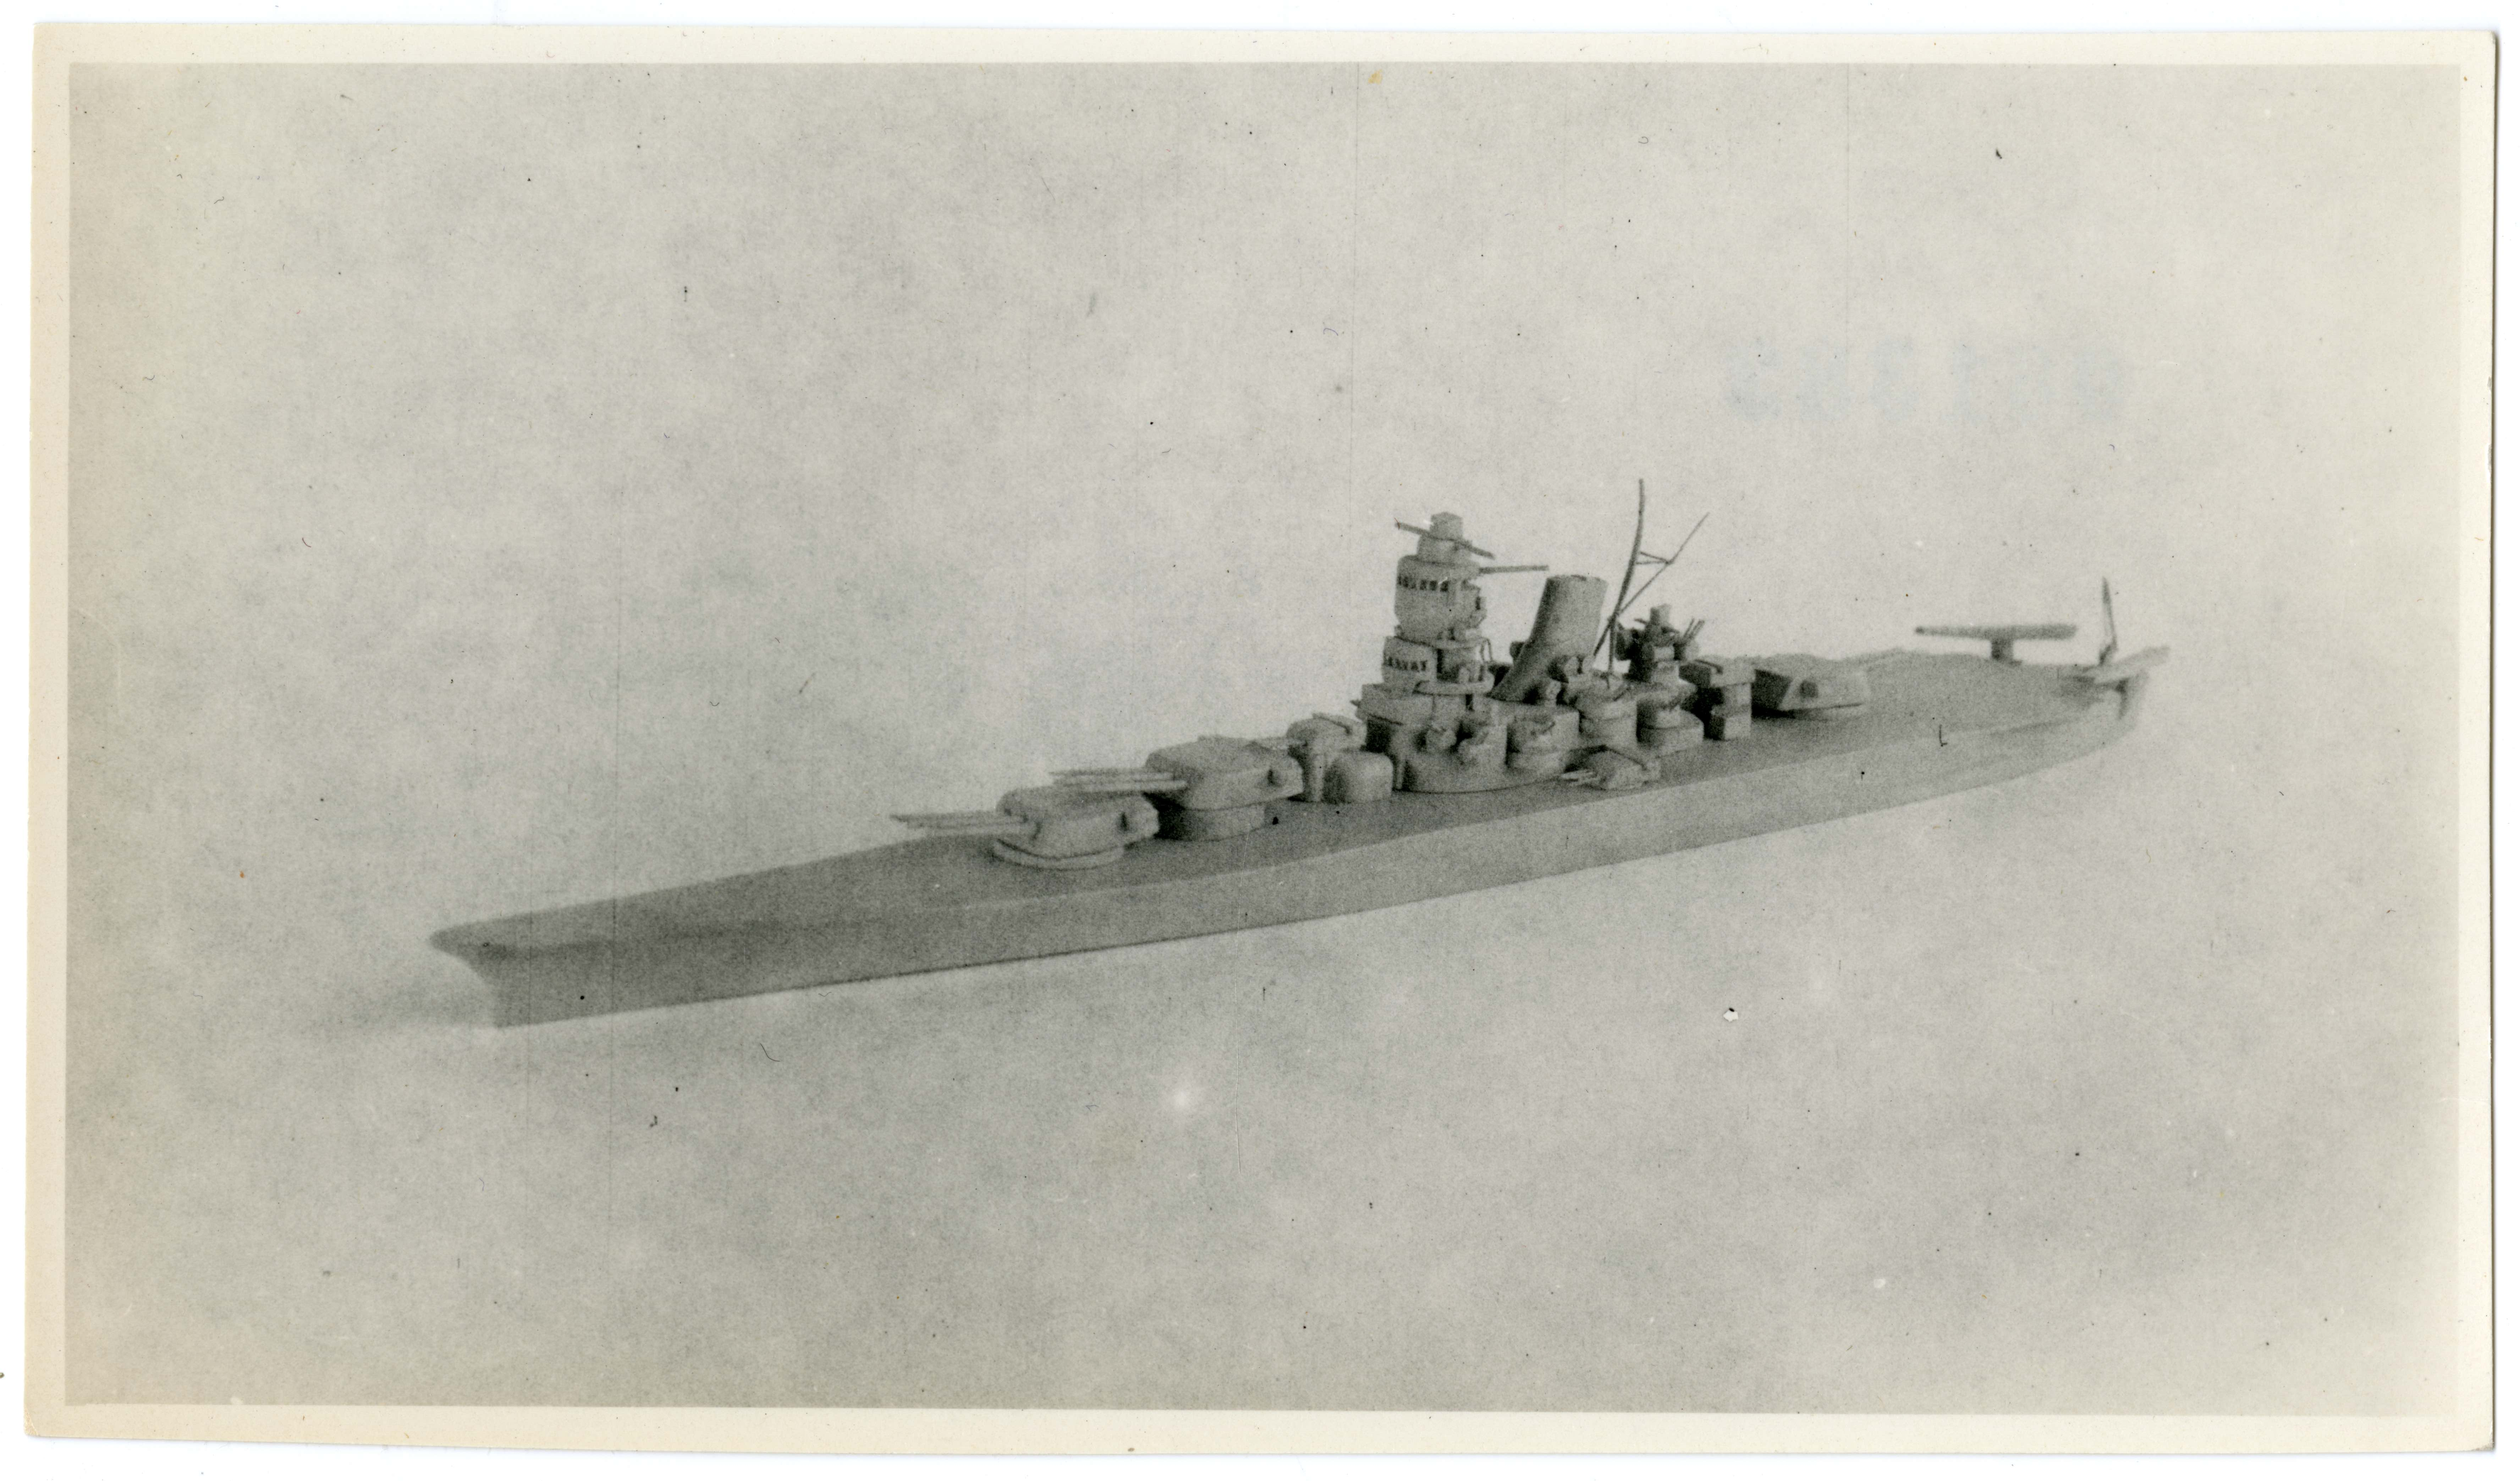 竣工時戦艦「大和」天覧模型(当時の模型写真)